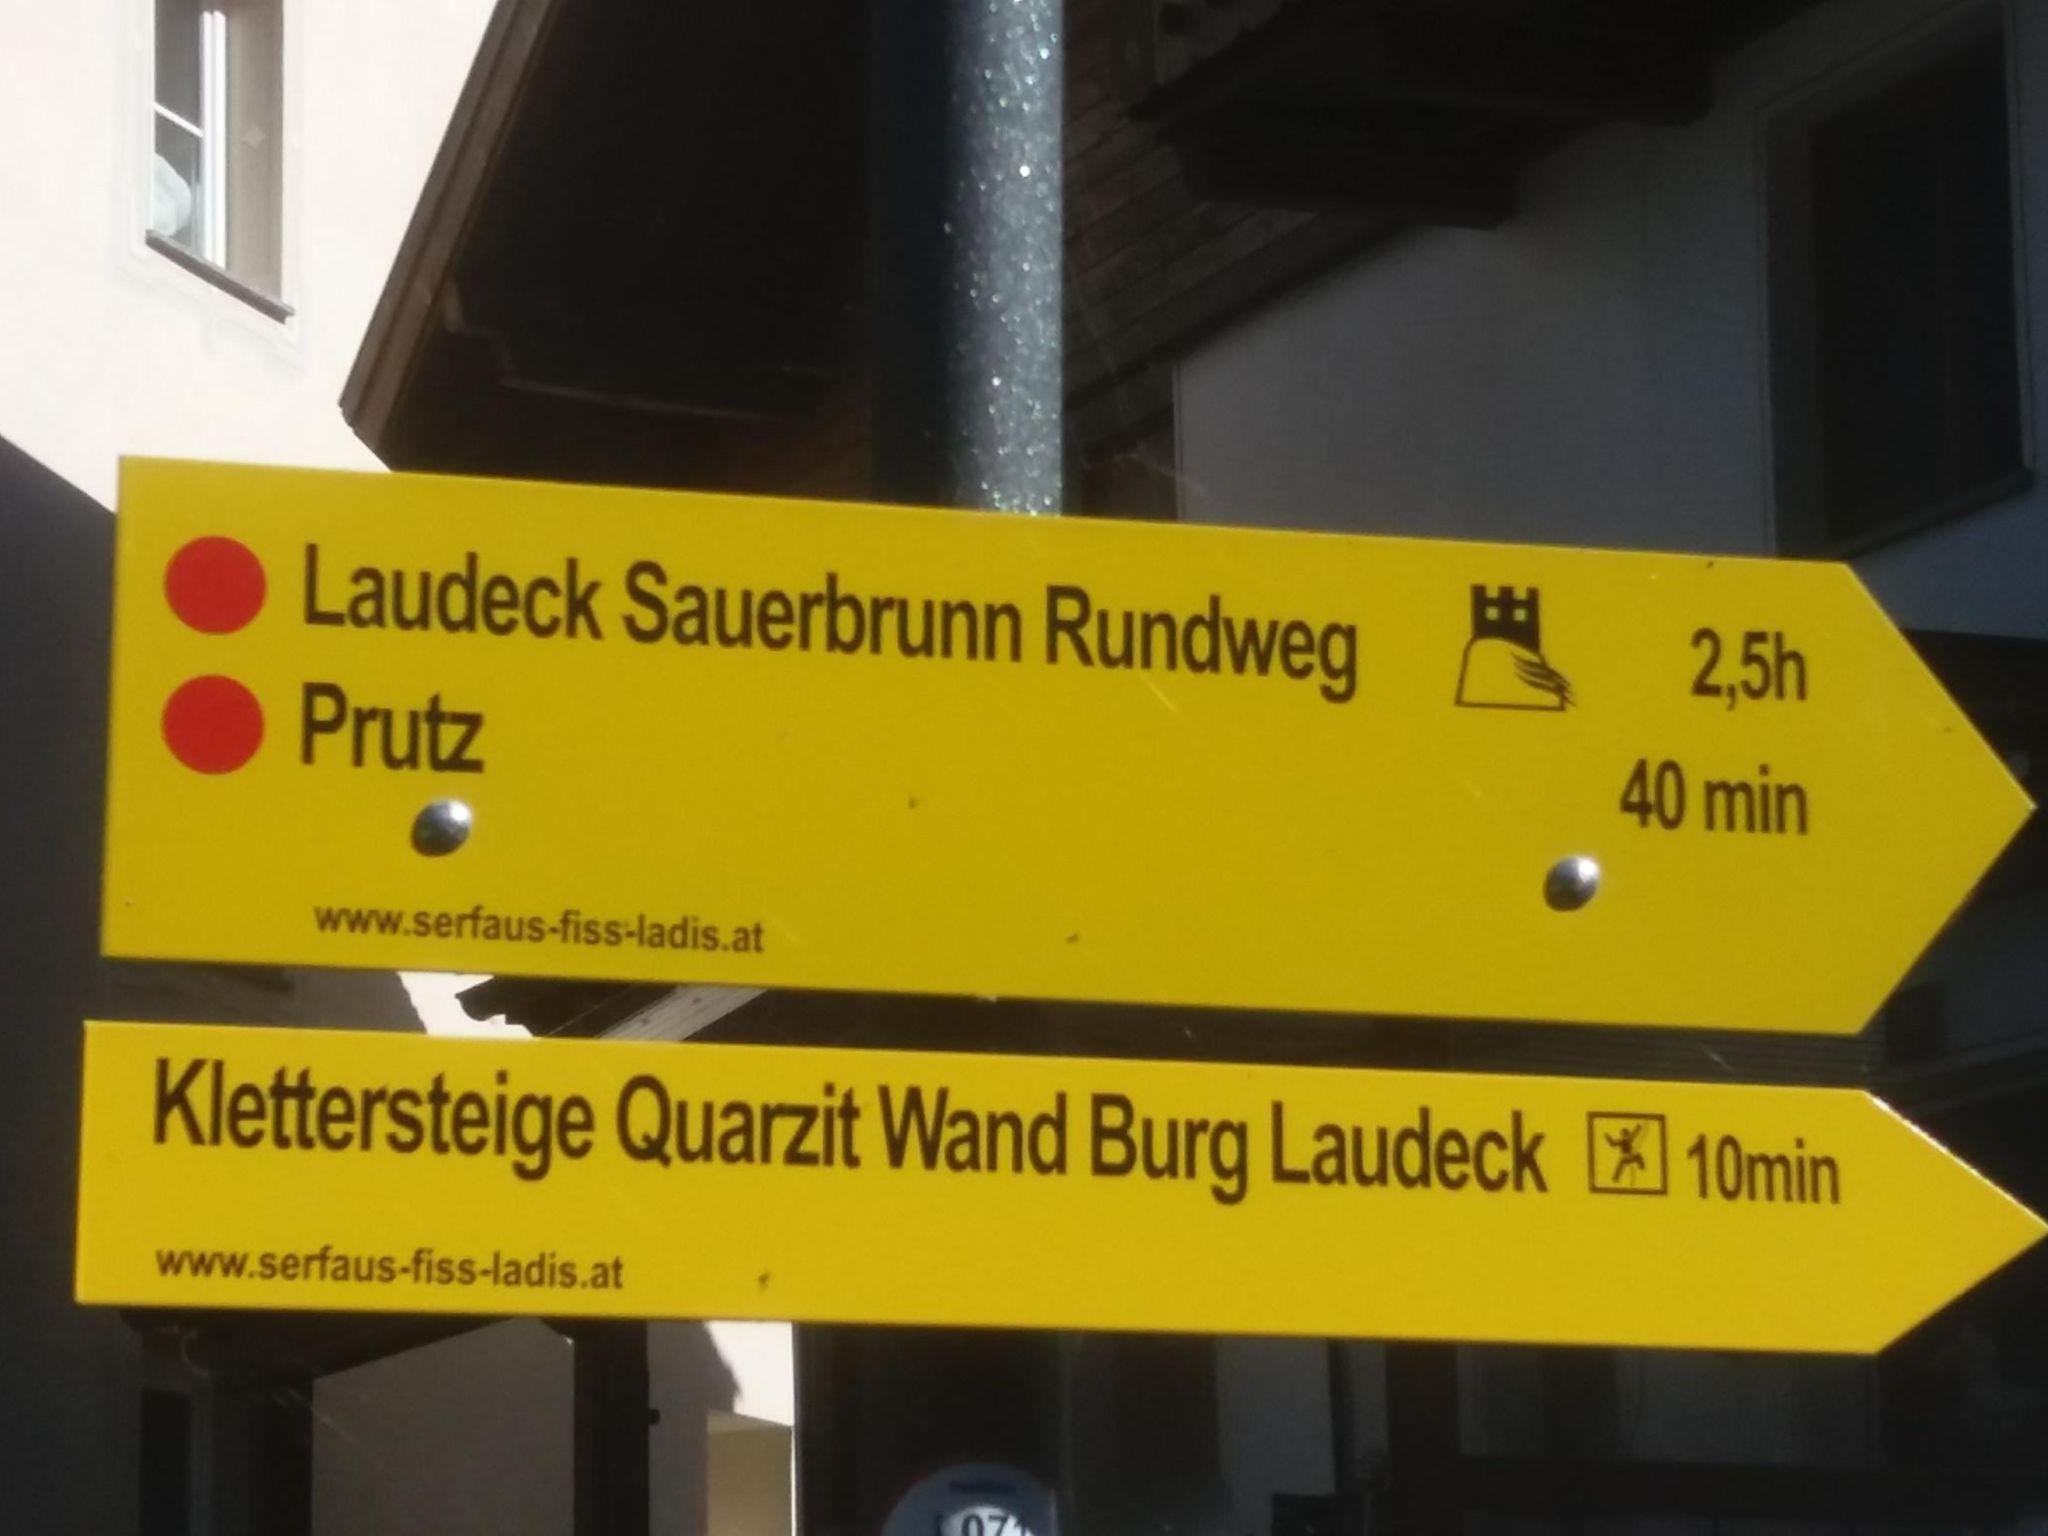 Klettersteig Quarzit Wand : Strava profil für radfahrer gerrie v.